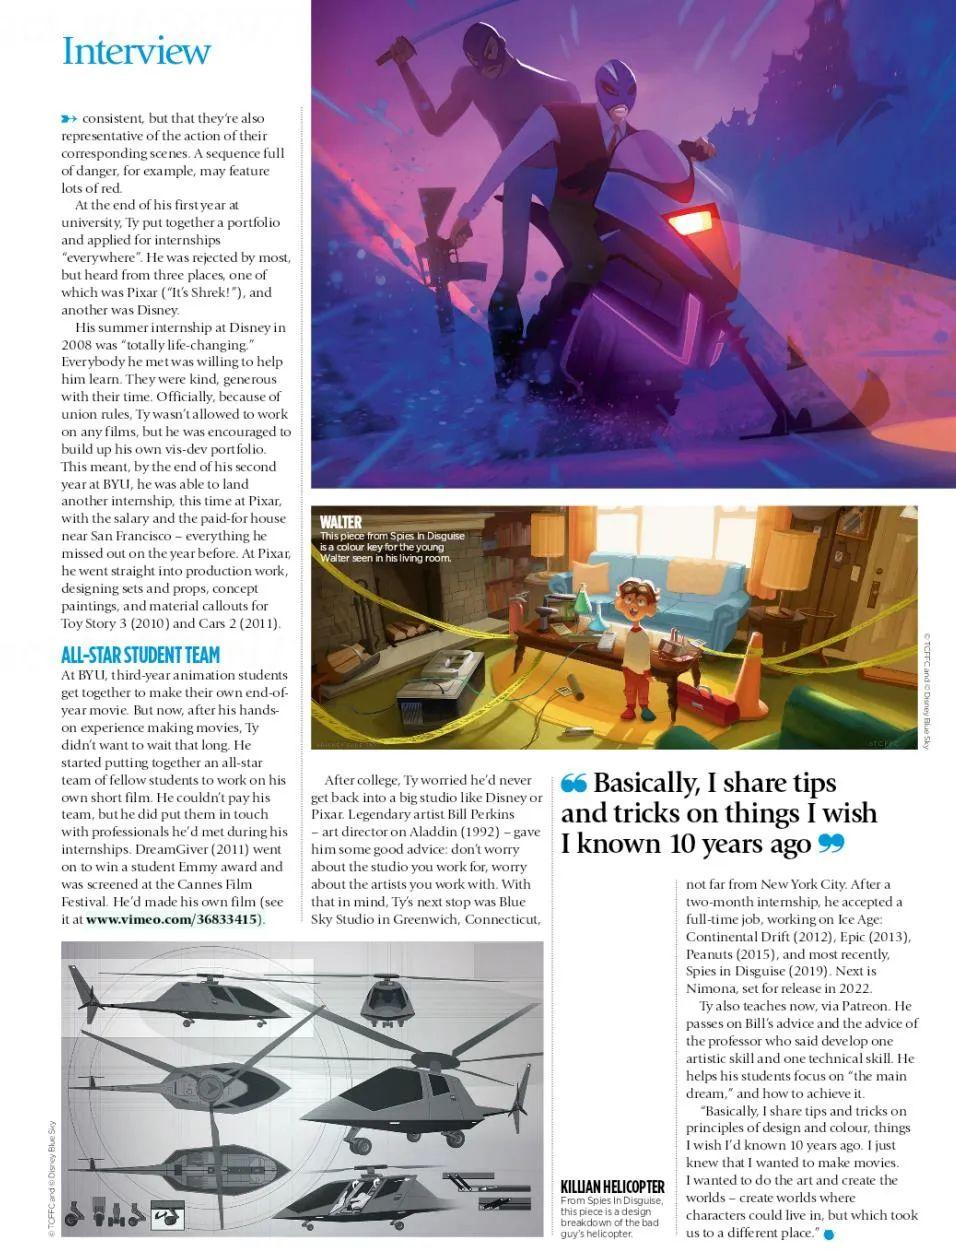 能介绍几本好看的CG杂志么?